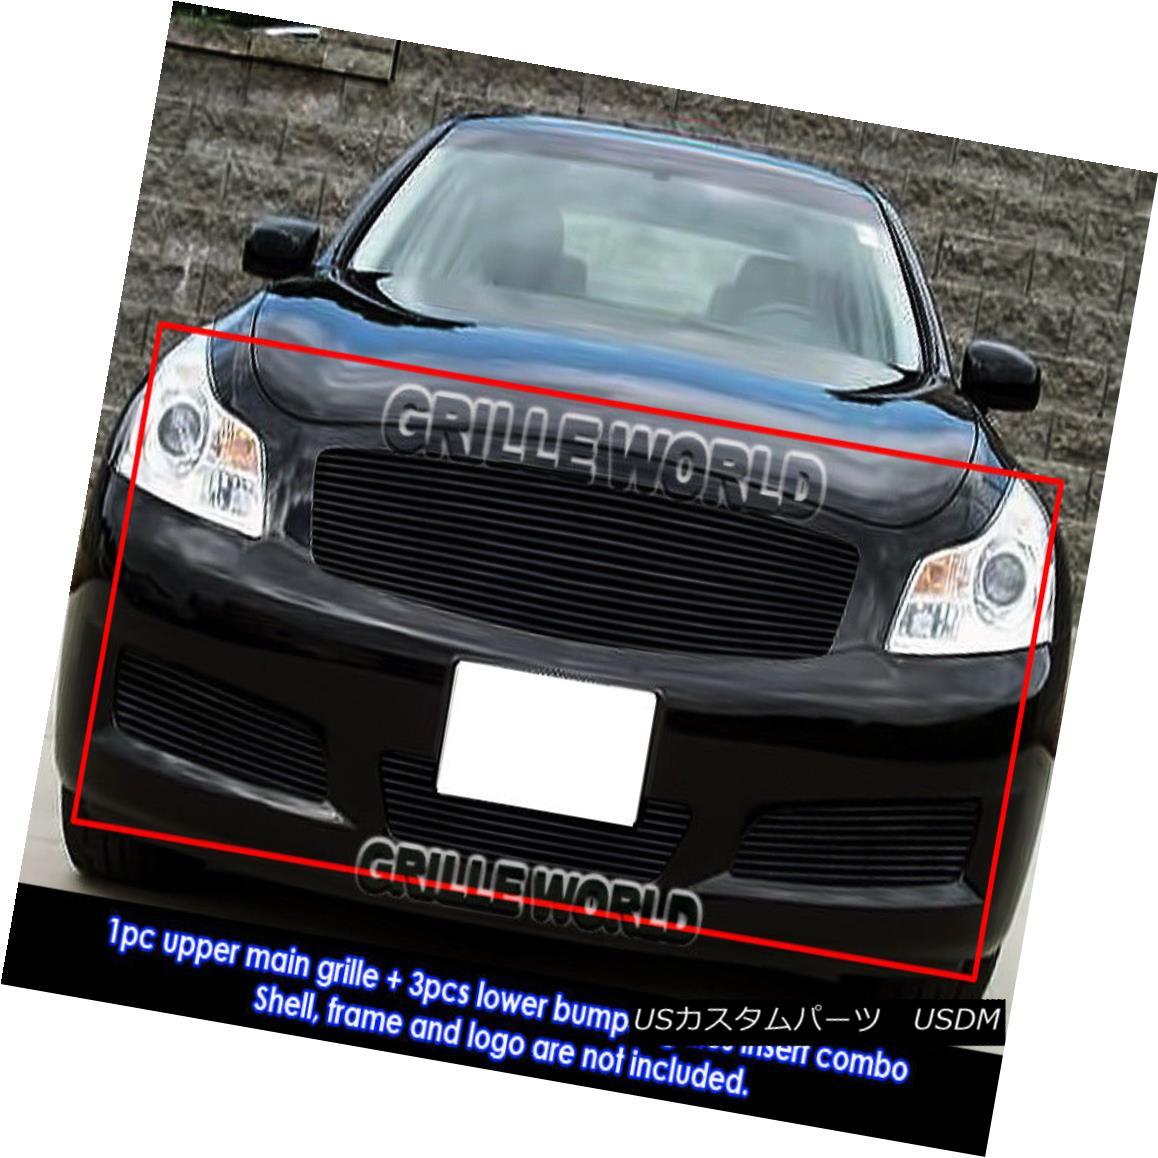 USグリル For 07-08 Infiniti G35 Sedan Black Billet Grille Combo Insert 07-08インフィニティG35セダンブラックビレットグリルコンボインサート